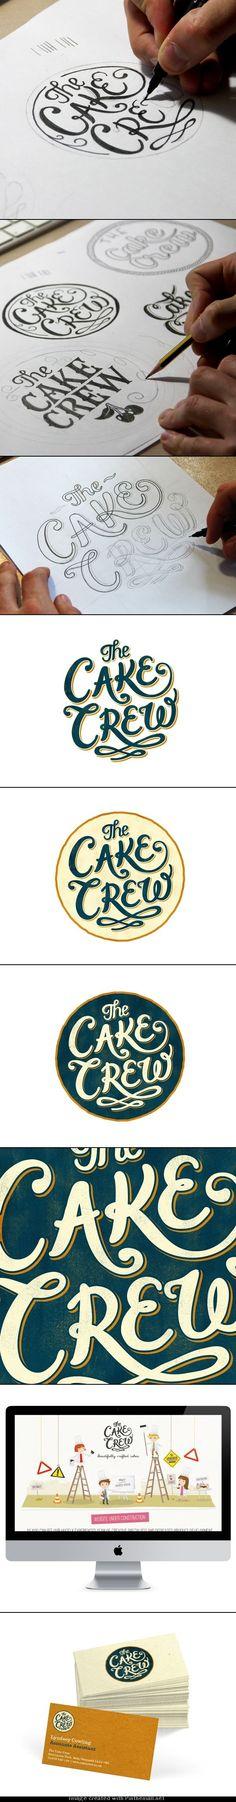 Si hay algo que me inspira es ver el proceso de inicio a fin en la creación de un logotipo.